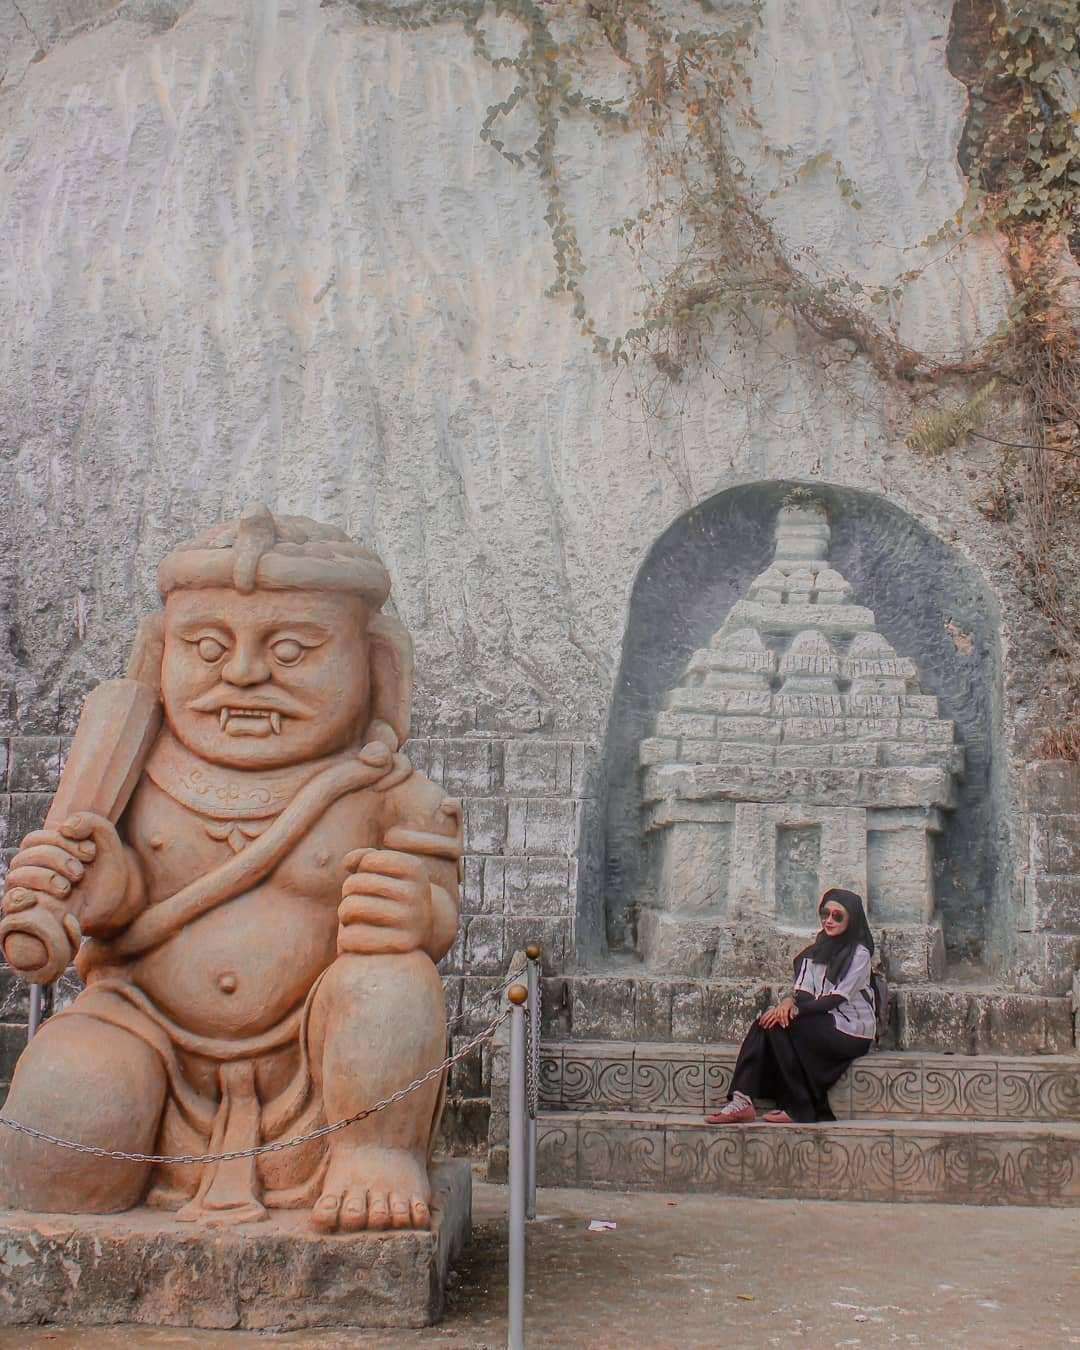 Berfoto di Patung dan Ukiran Yang ada di Wisata Setigi Gresik Image From @titantok